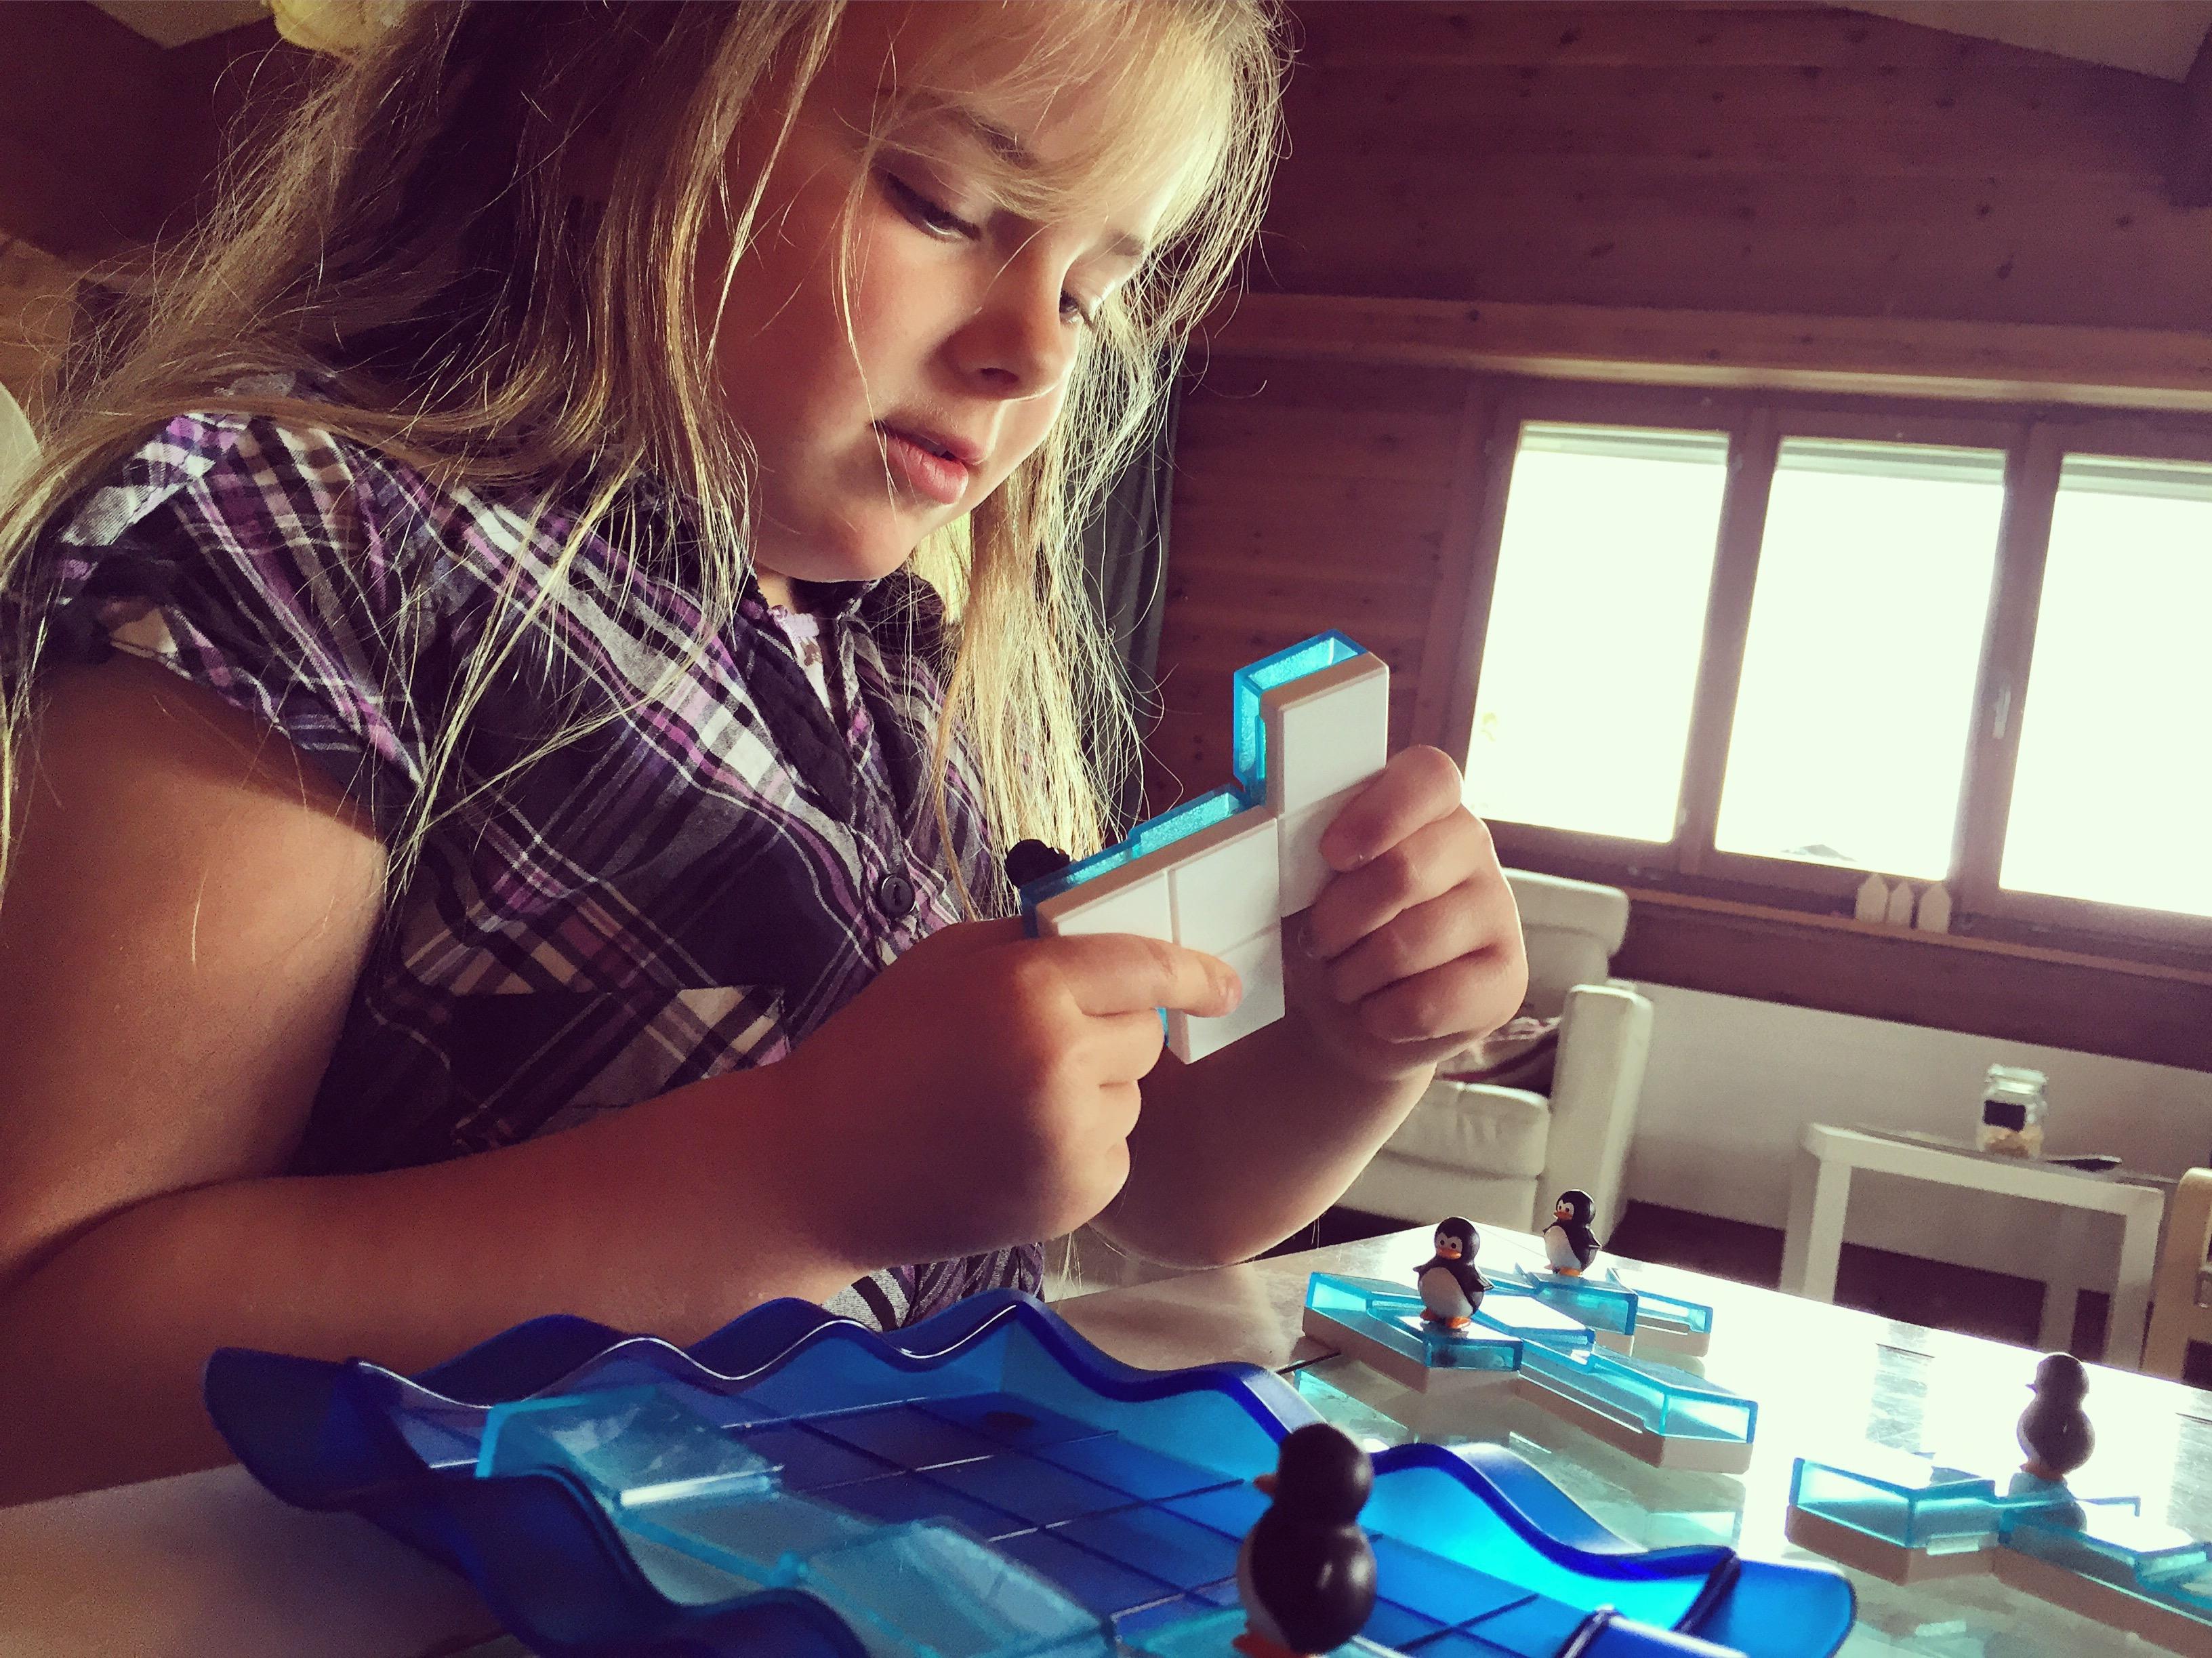 Eva snapt eindelijk hoe het pinguinspel van Smartgames werkt en speelt er lekker mee